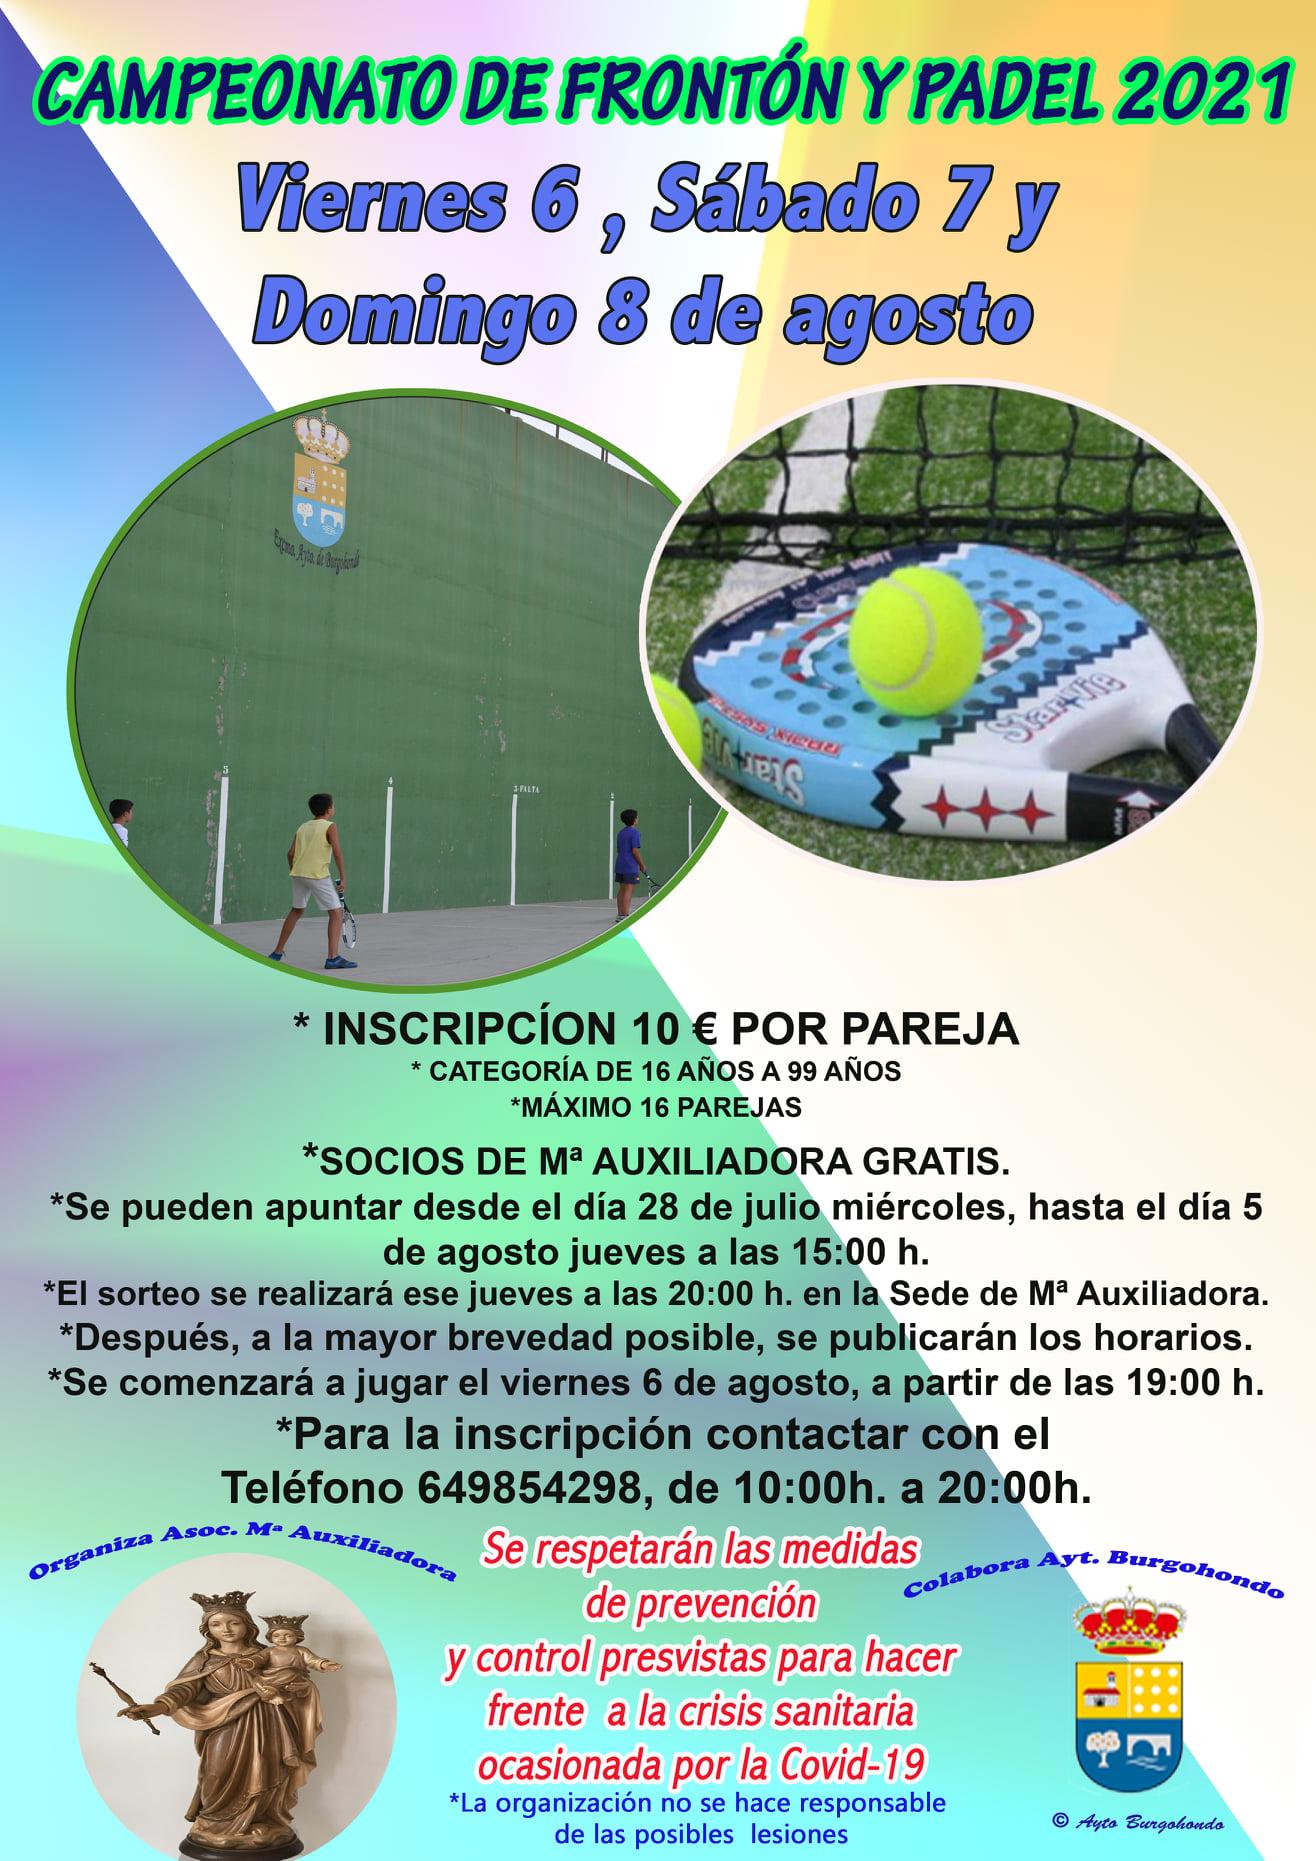 II CAMPEONATO DE FRONTÓN Y PÁDEL